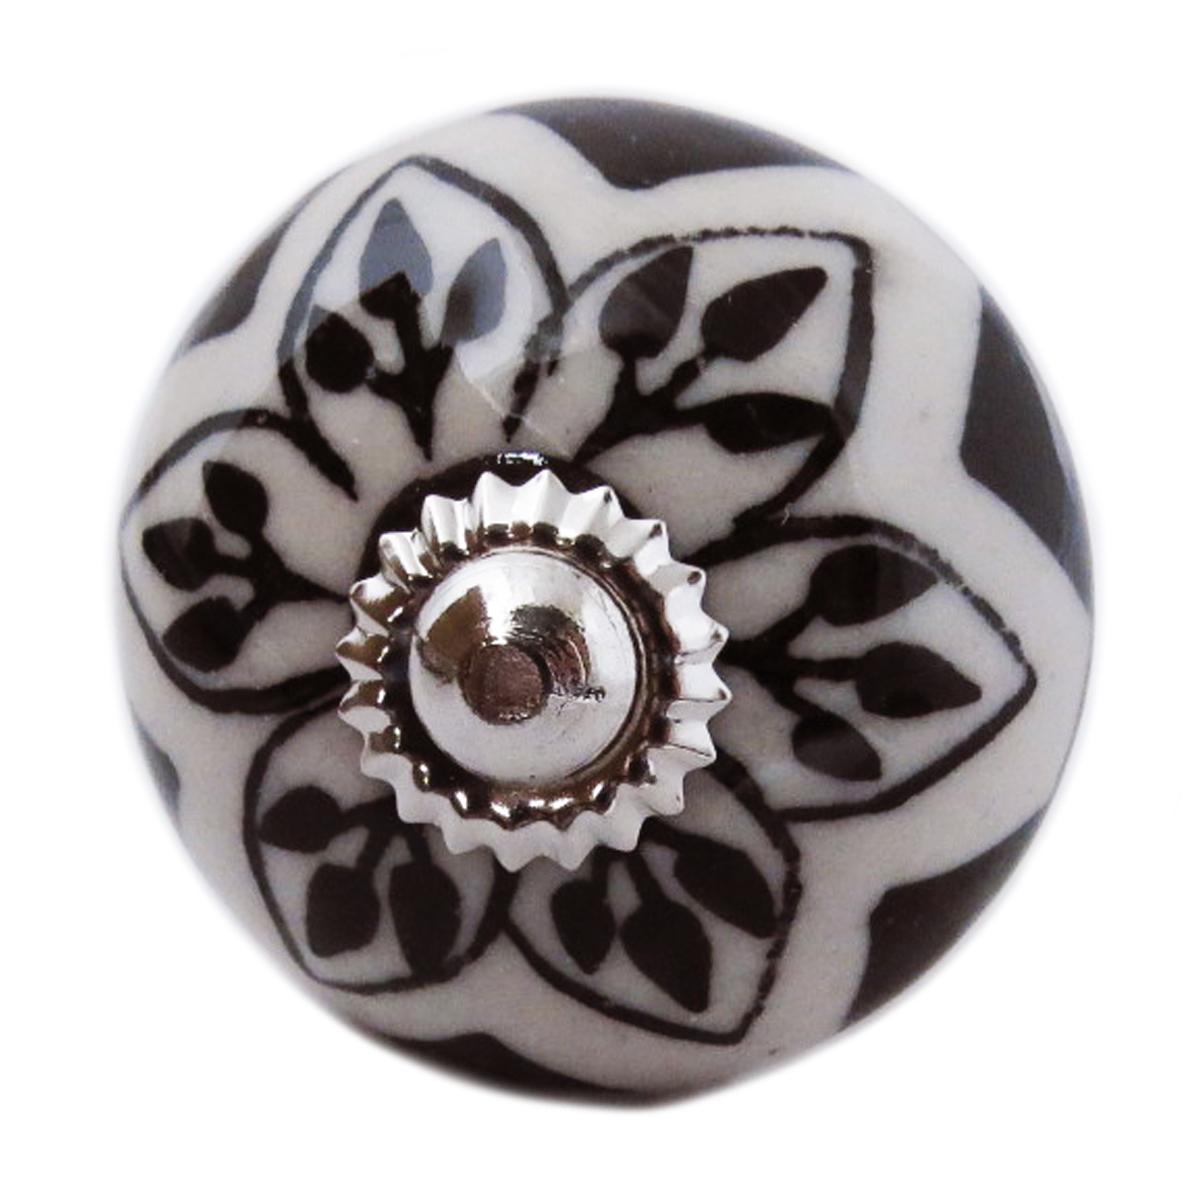 Bouton meuble céramique \'Boho\' gris noir argenté - 60x40 mm - [A3135]